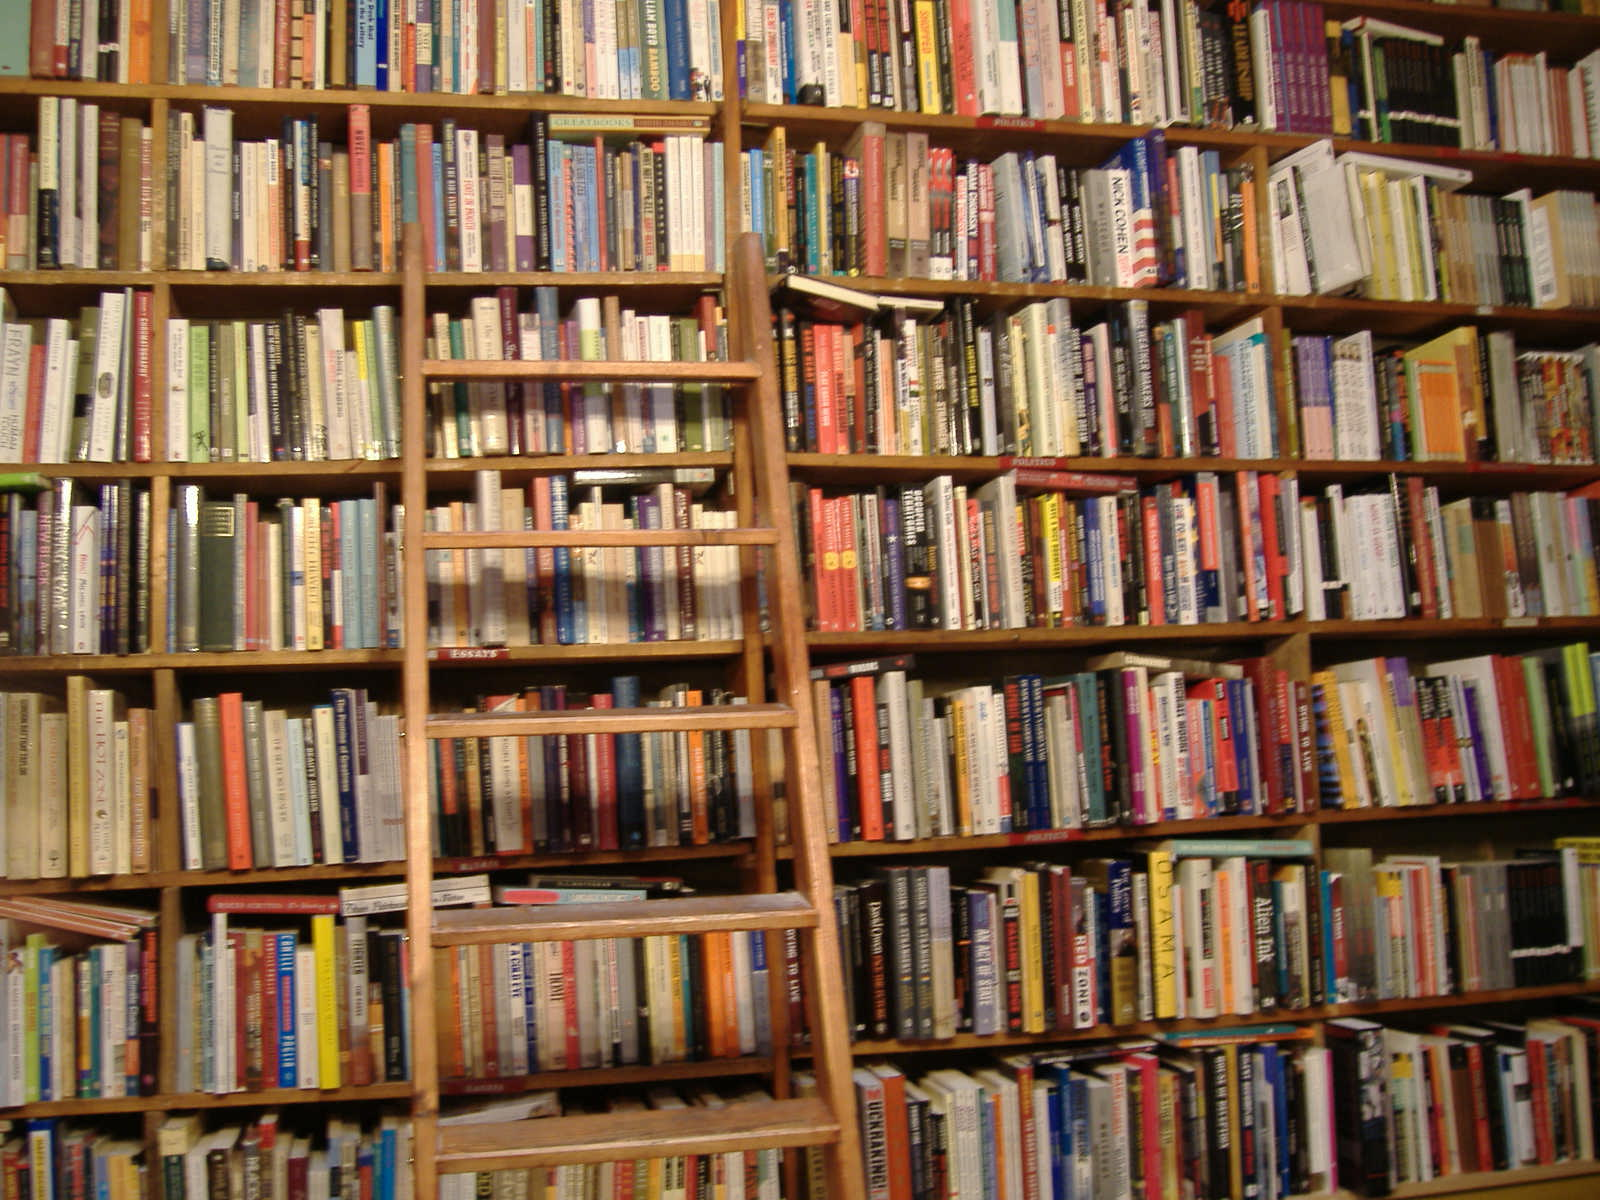 3 historias sobre libros y bibliotecas poemas del alma - Estanterias de libros ...